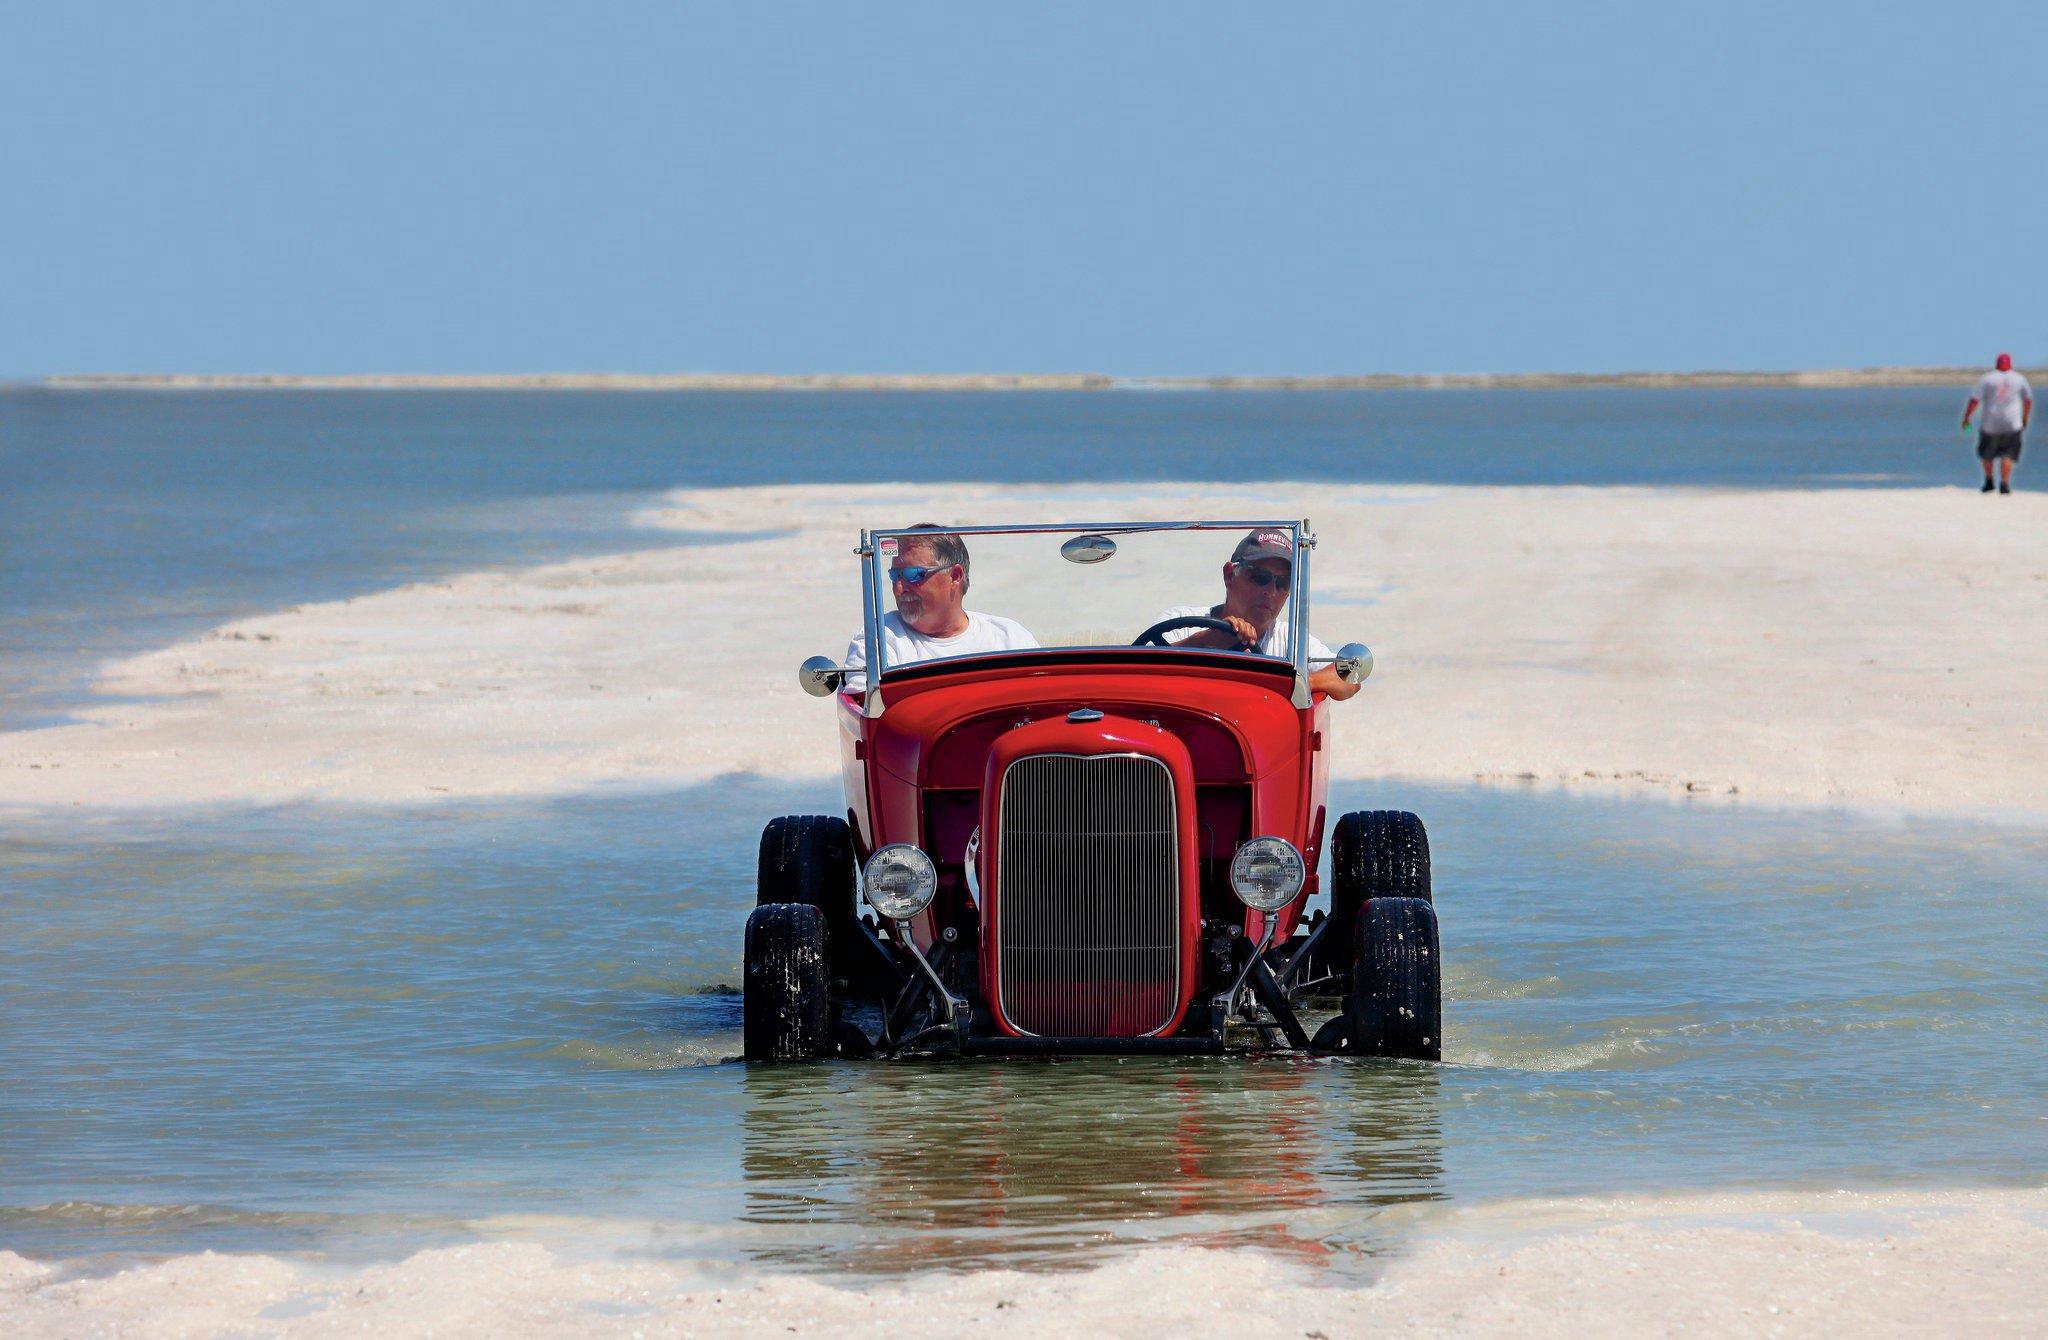 2015 Bonneville Salt Flats Speed Week Cancelled